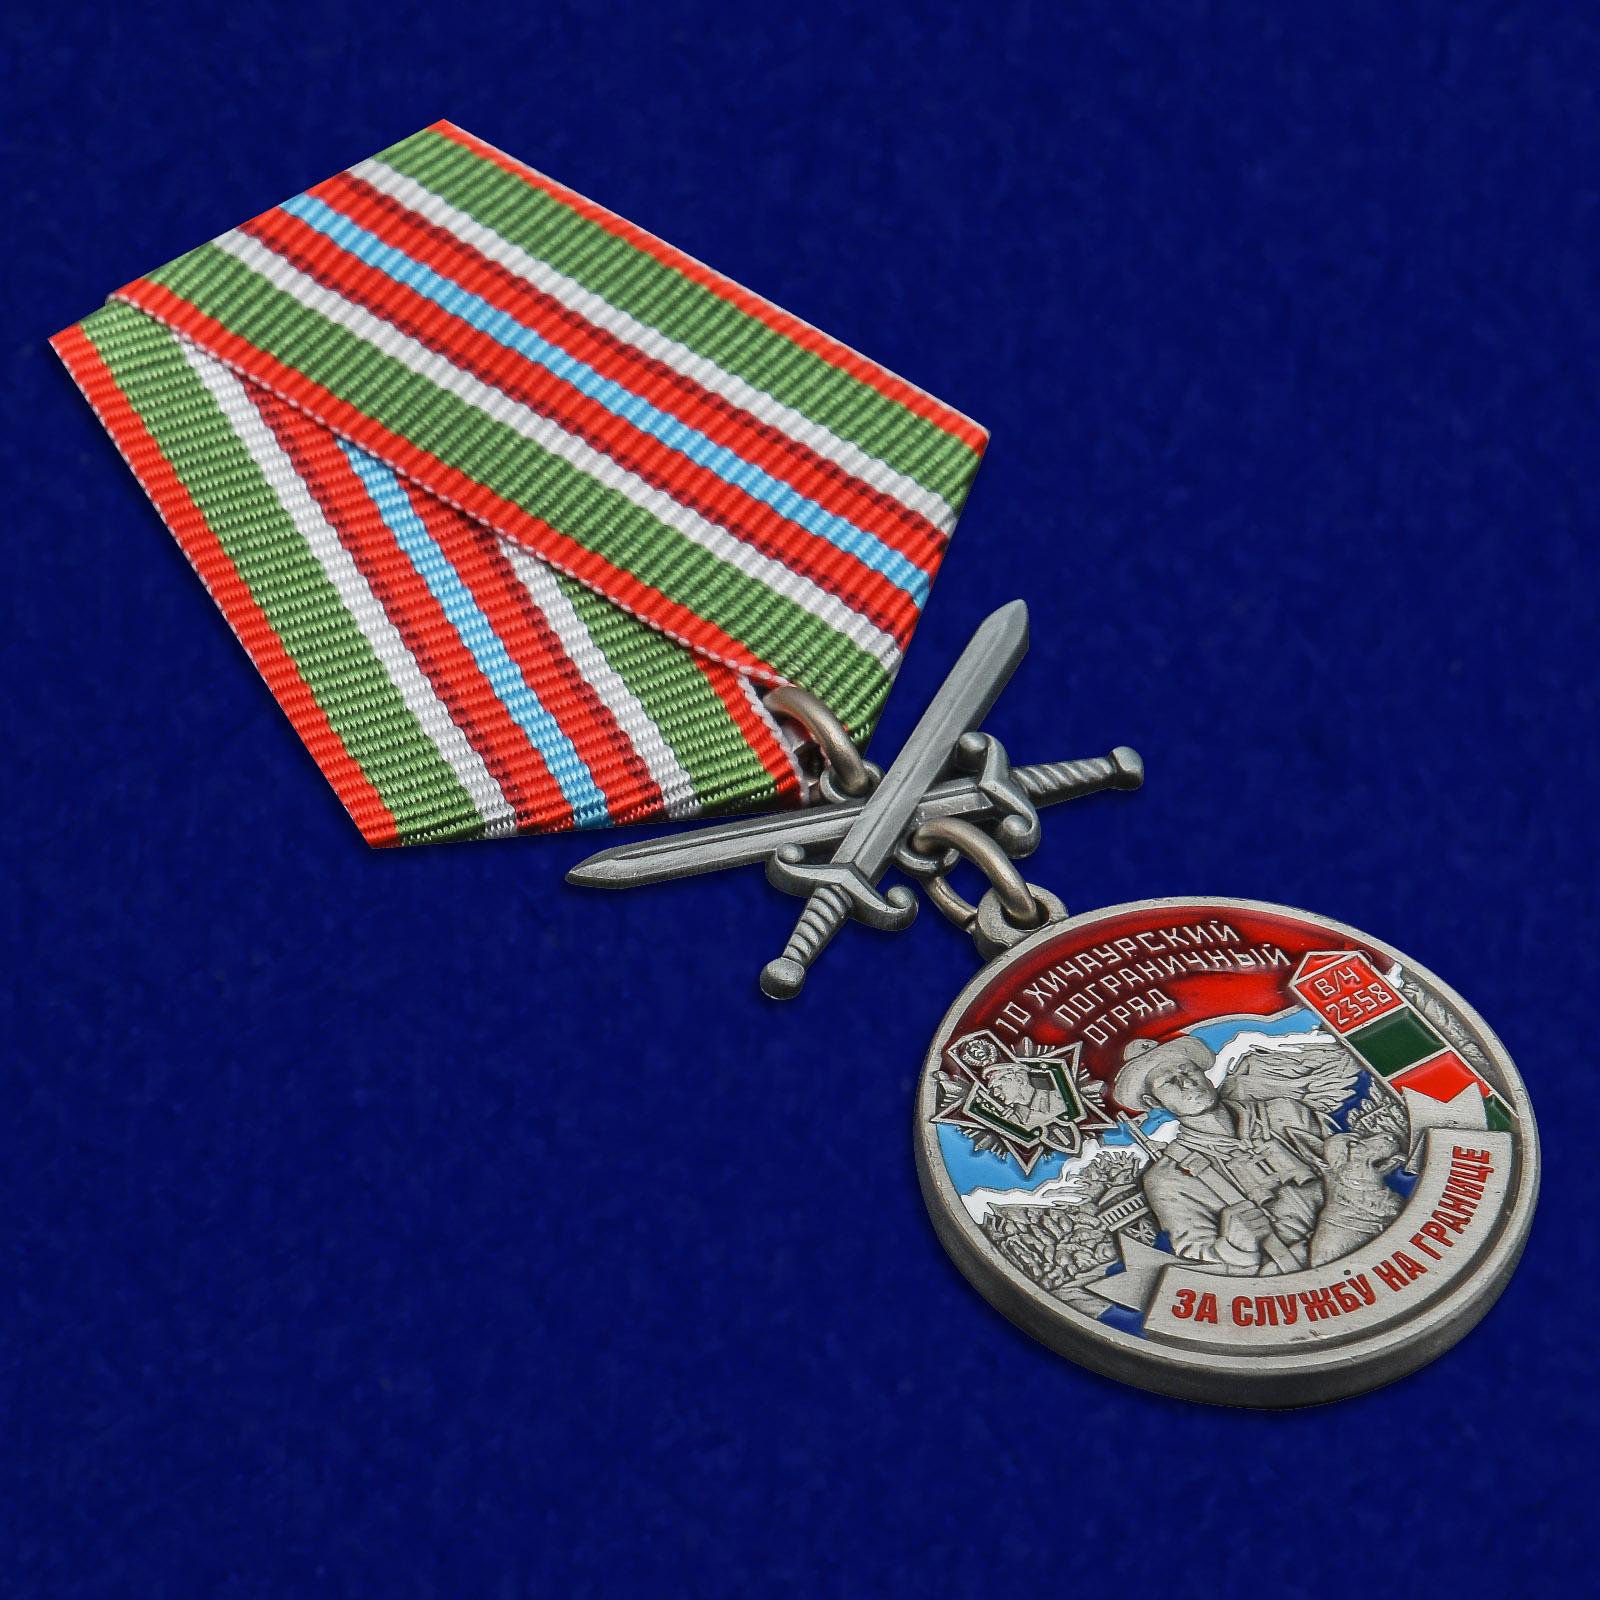 """Купить медаль """"За службу в Хичаурском пограничном отряде"""""""